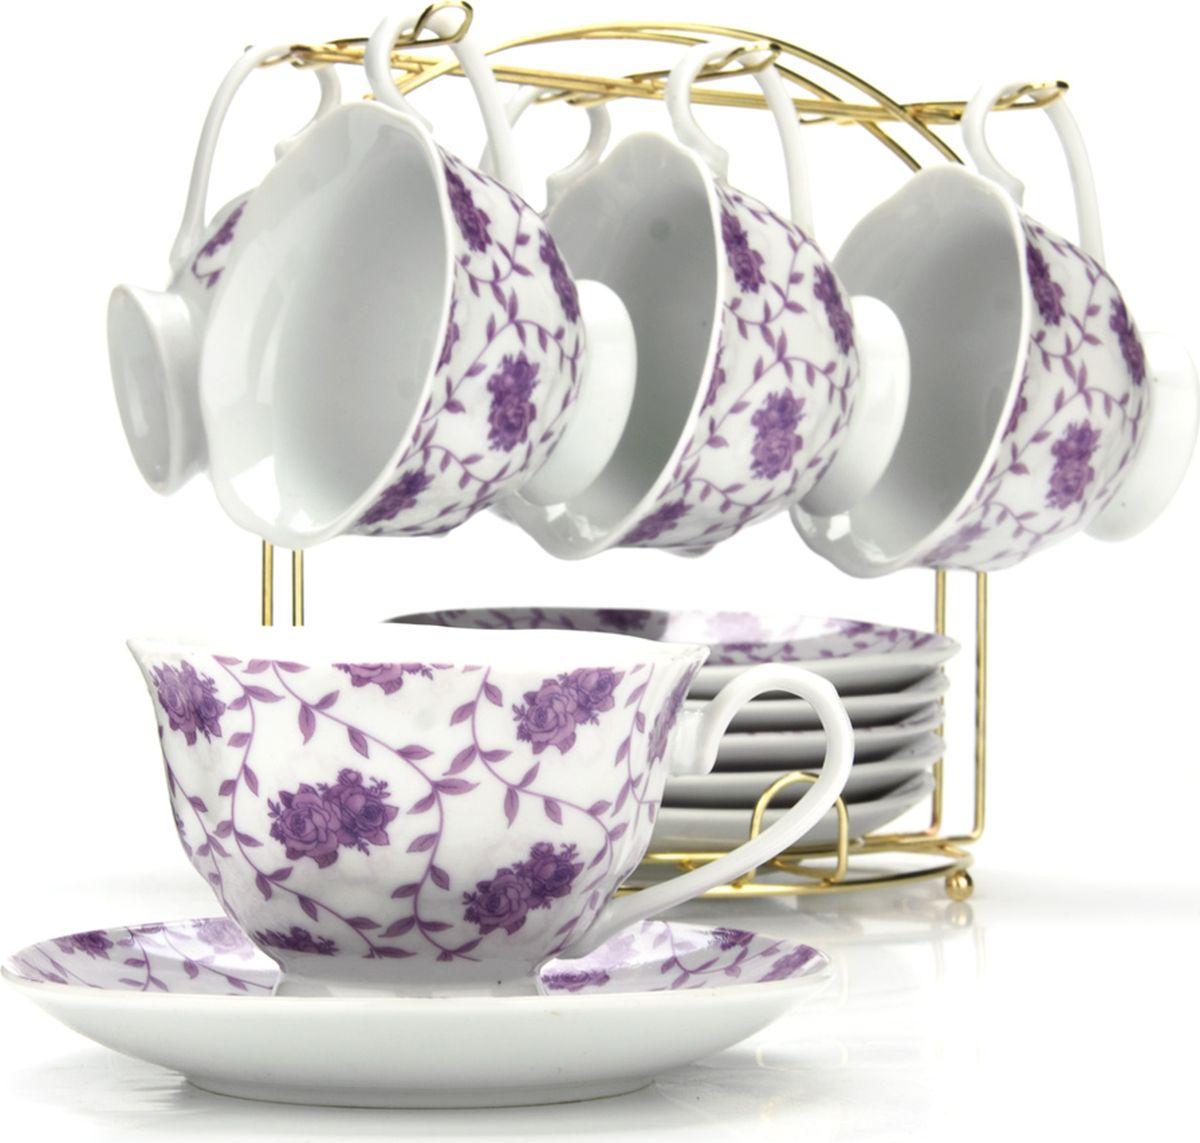 Сервиз чайный Loraine, на подставке, 13 предметов. 4329325944